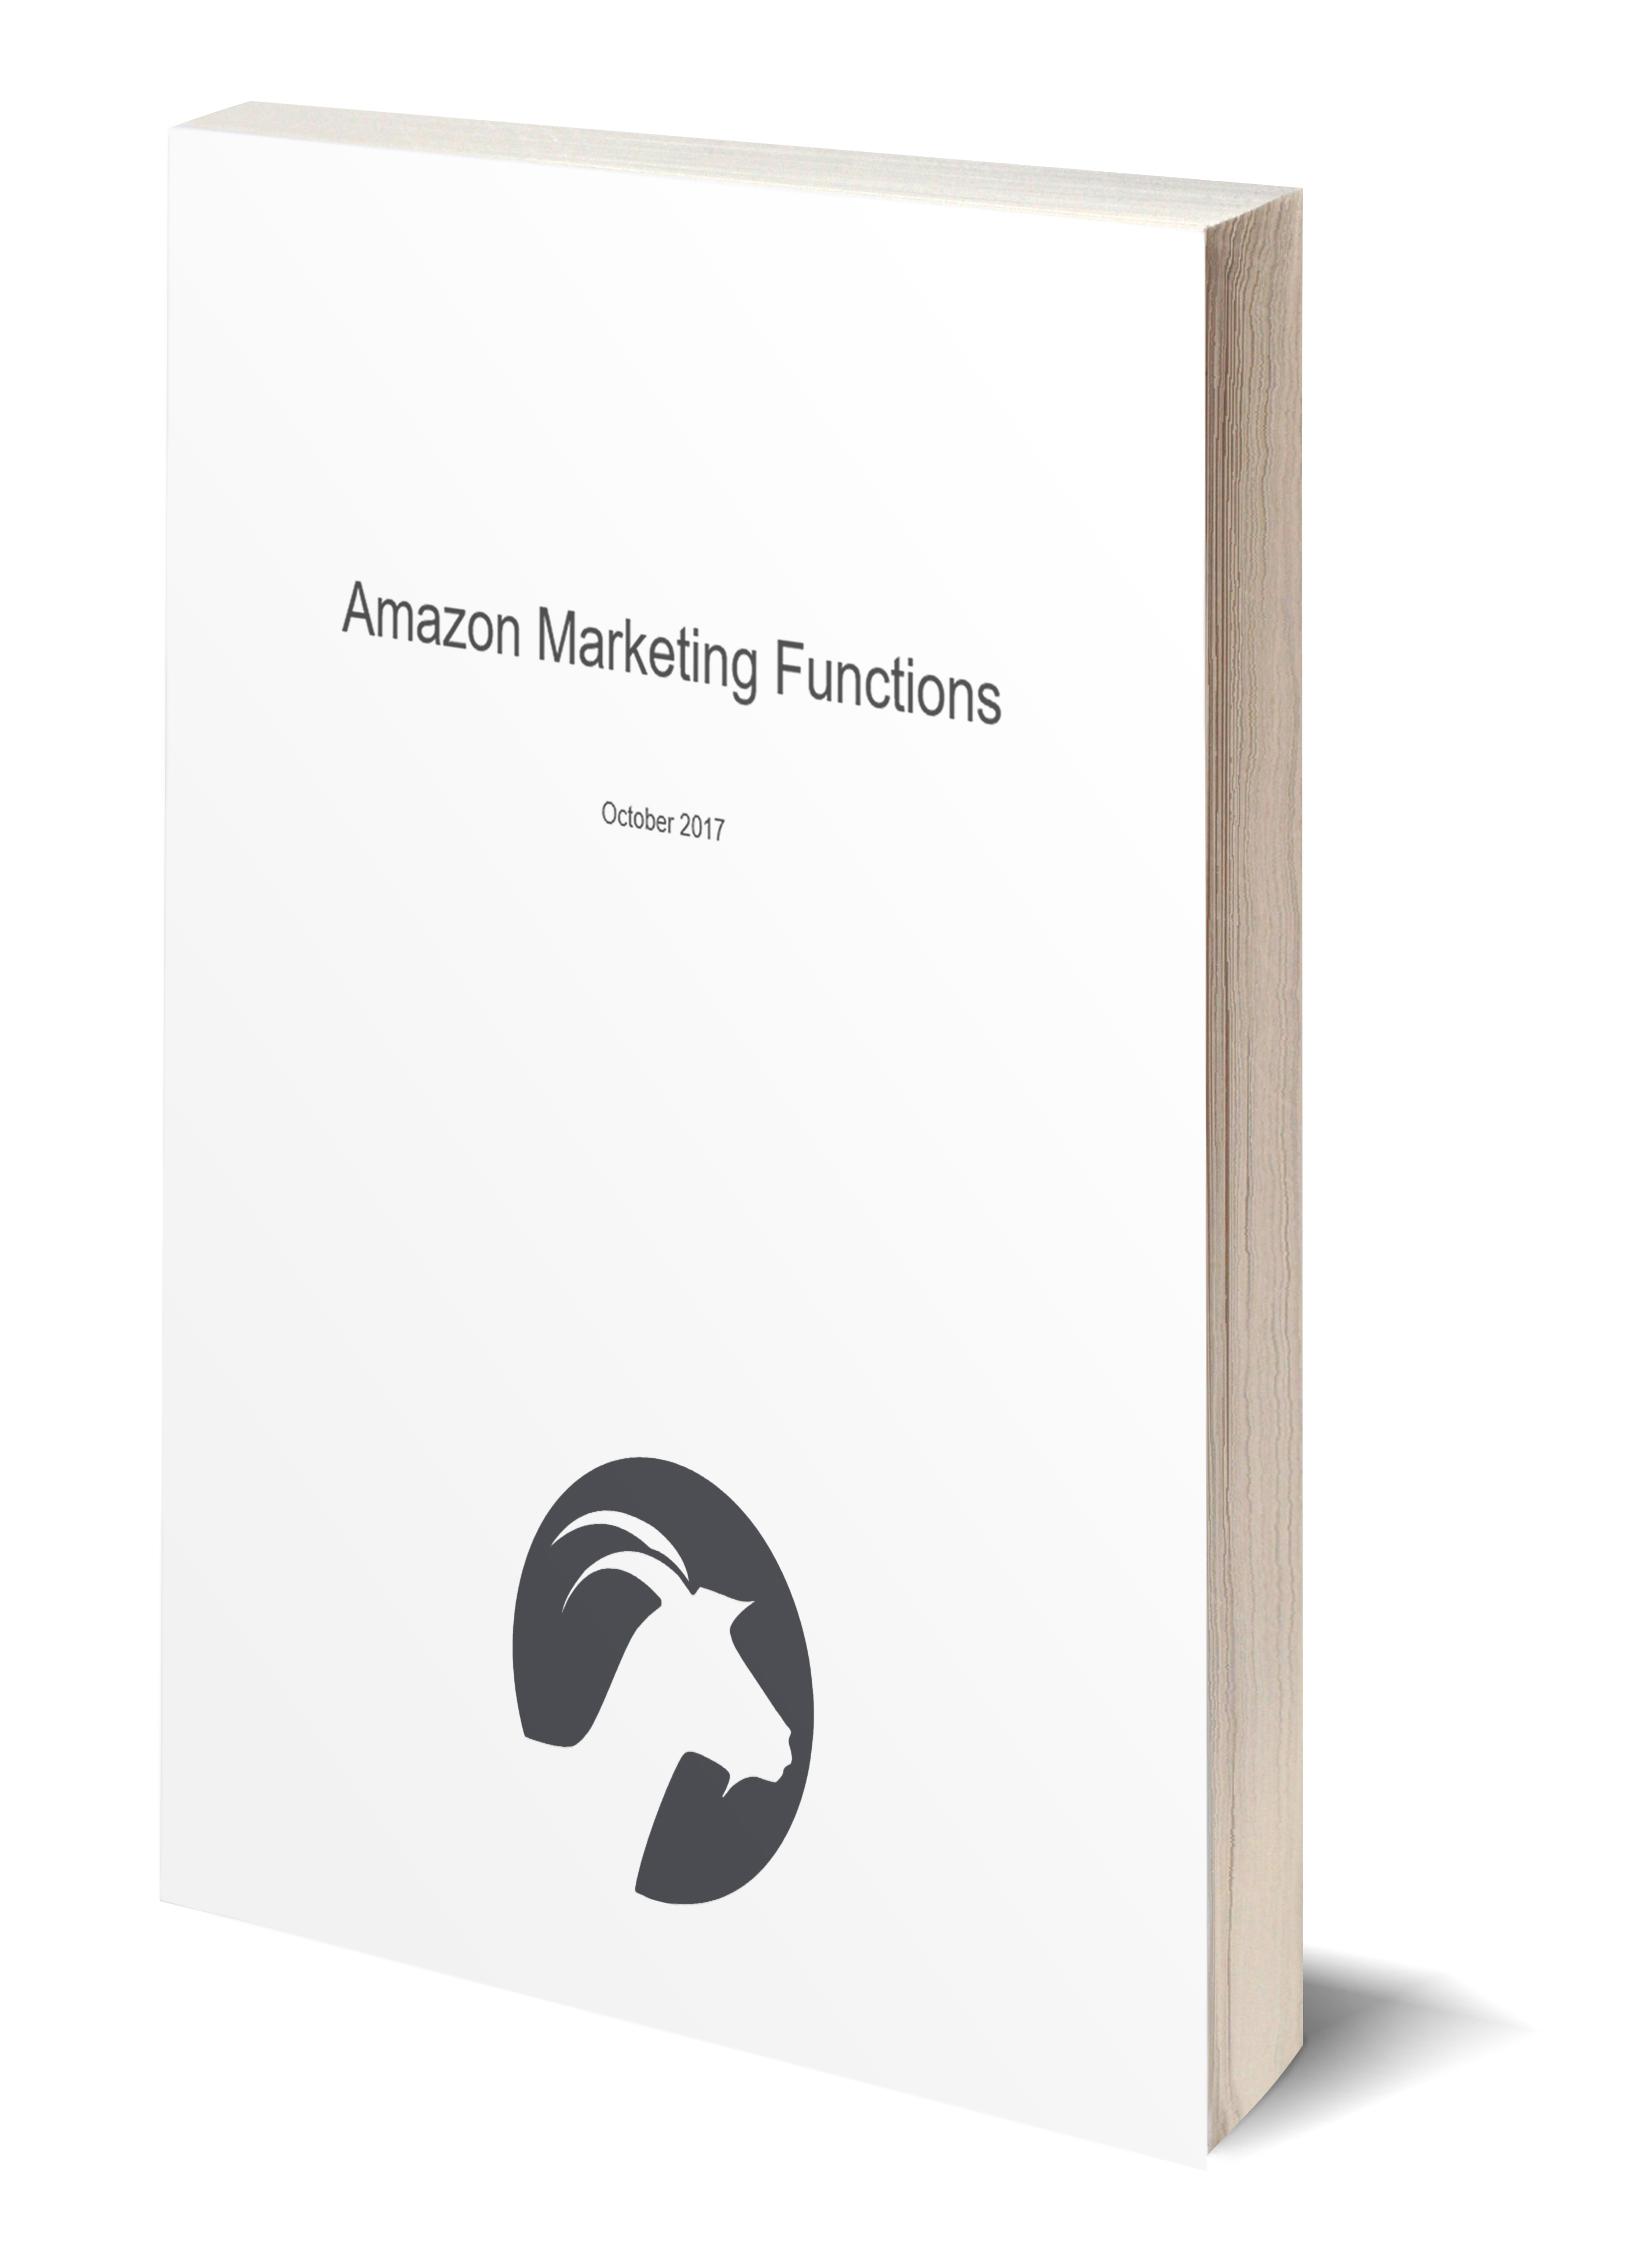 AmazonMarketingFunctions.jpg